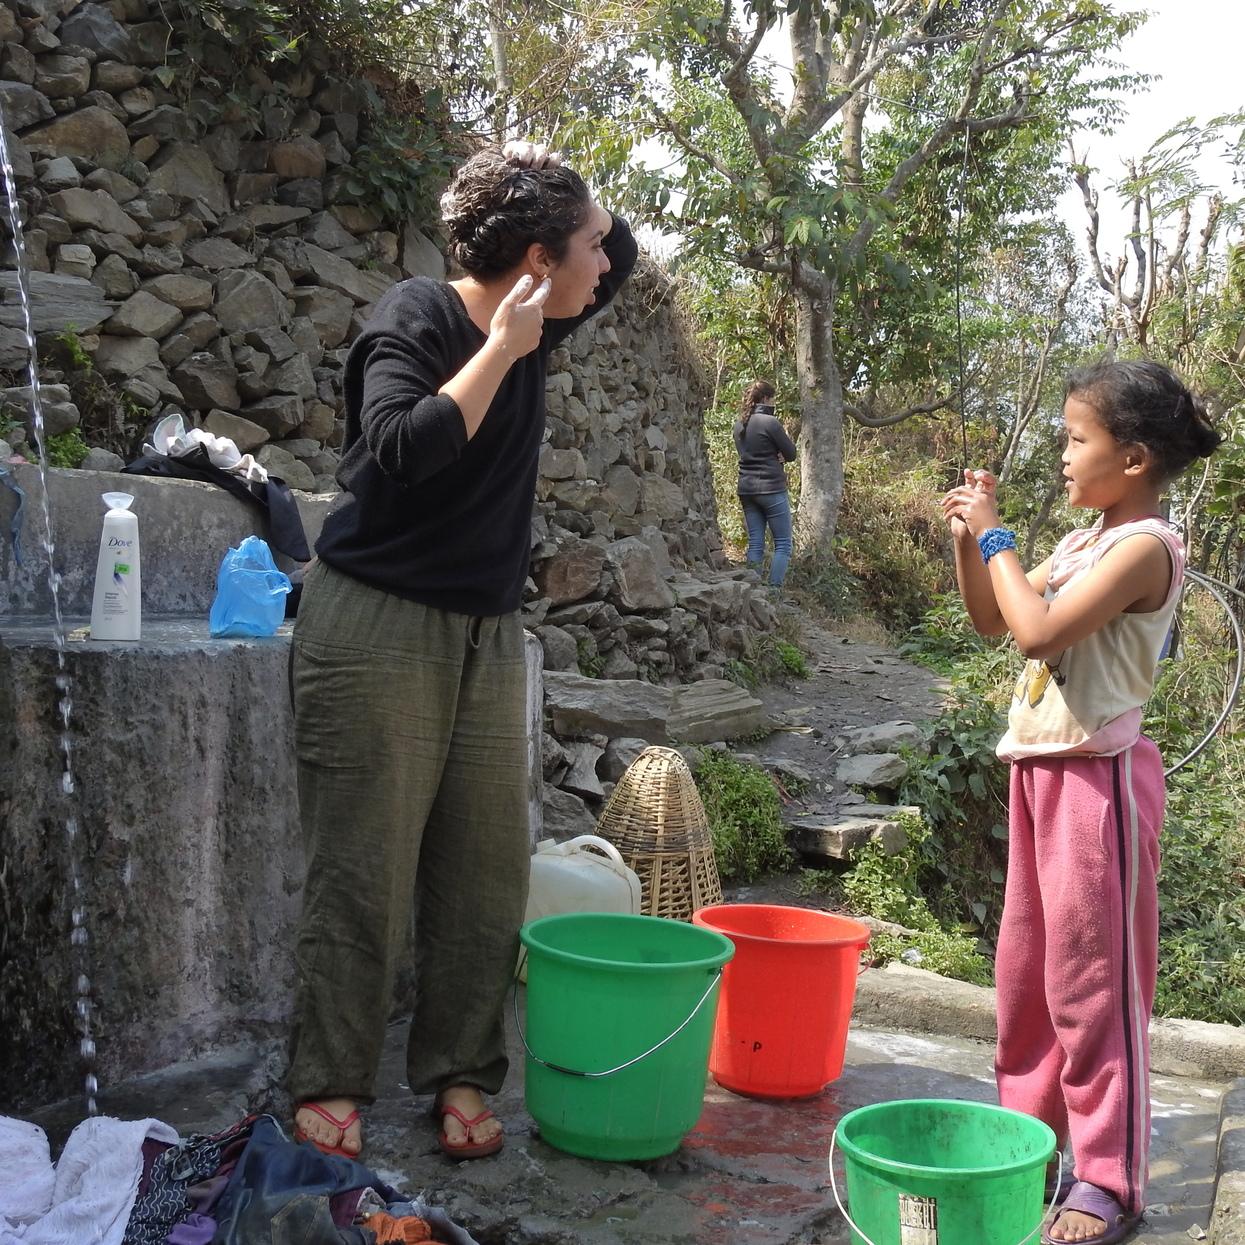 חופפות וכובסות. שני מנצלת את זמן הכביסה כדי לחפוף את הראש במעיין המים בכפר דהאו. צילום: עמיר בן-דוד ()